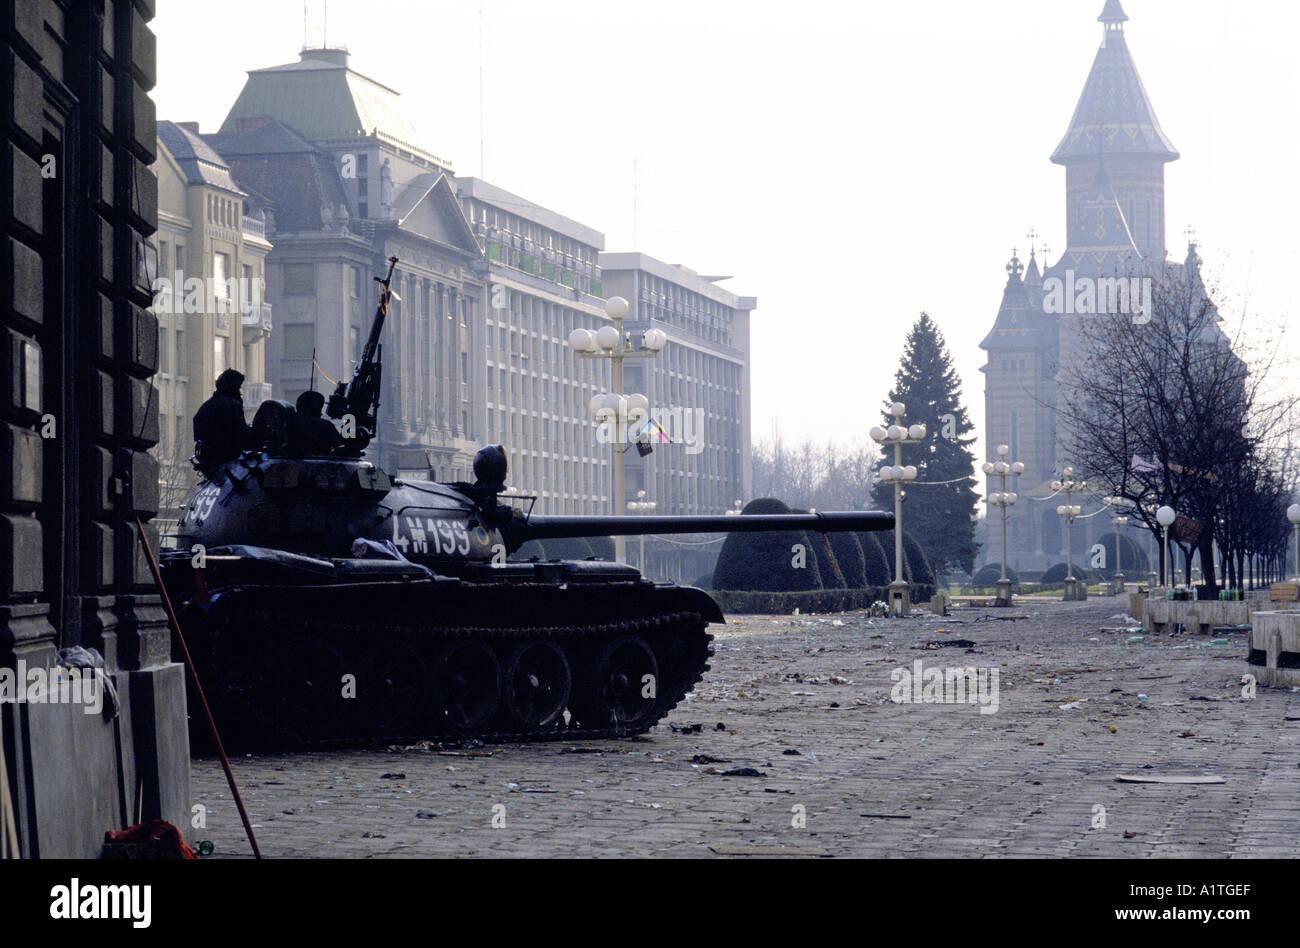 ROMANIAN REVOLUTION 23 12 1989 TANK IN OPERA SQUARE TIMISOARA - Stock Image